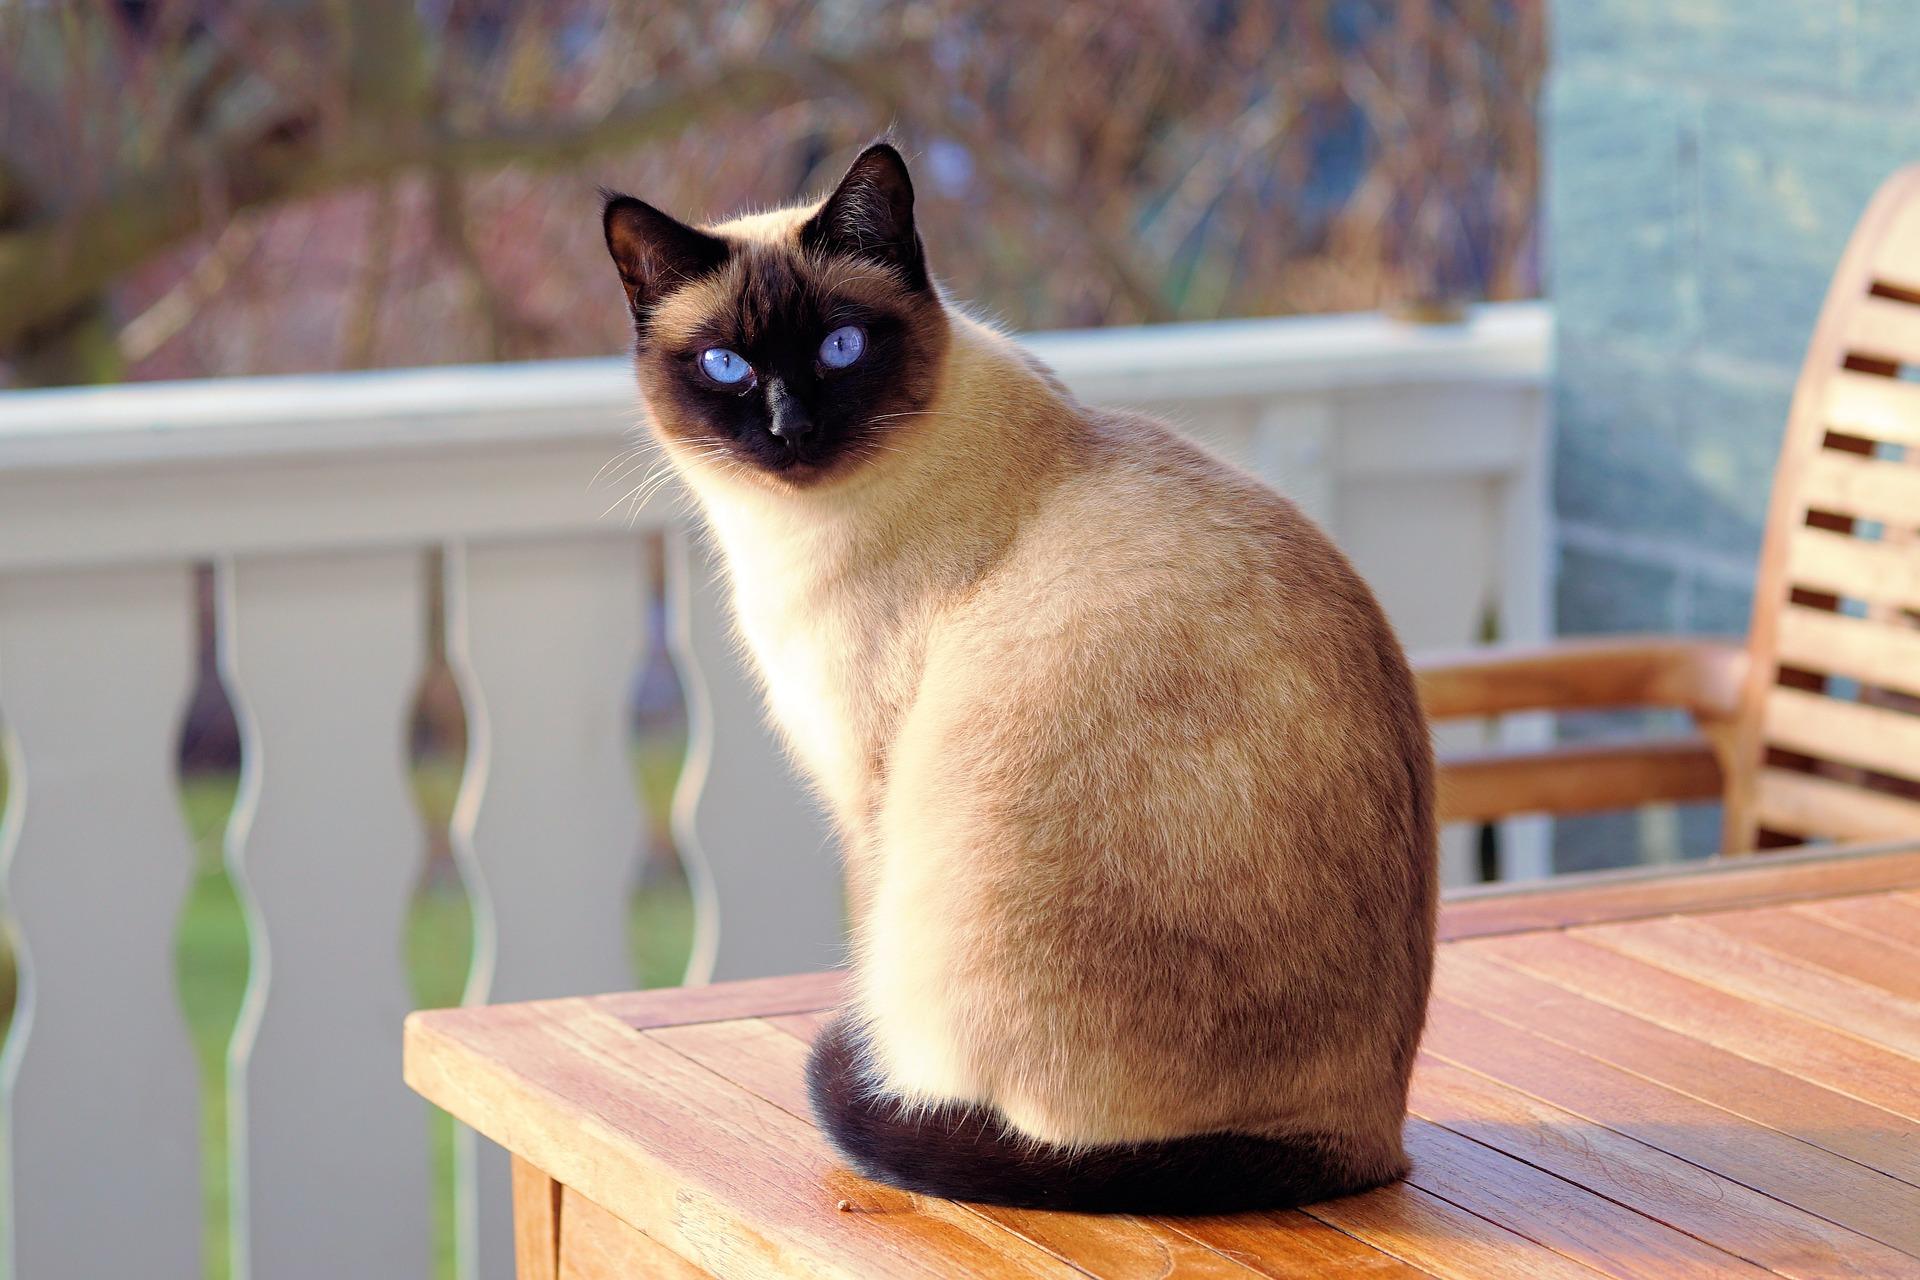 حقائق مذهلة عن القطط قد لا تعرفها آهلا بك في ويكي ويب الموسوعة العربية